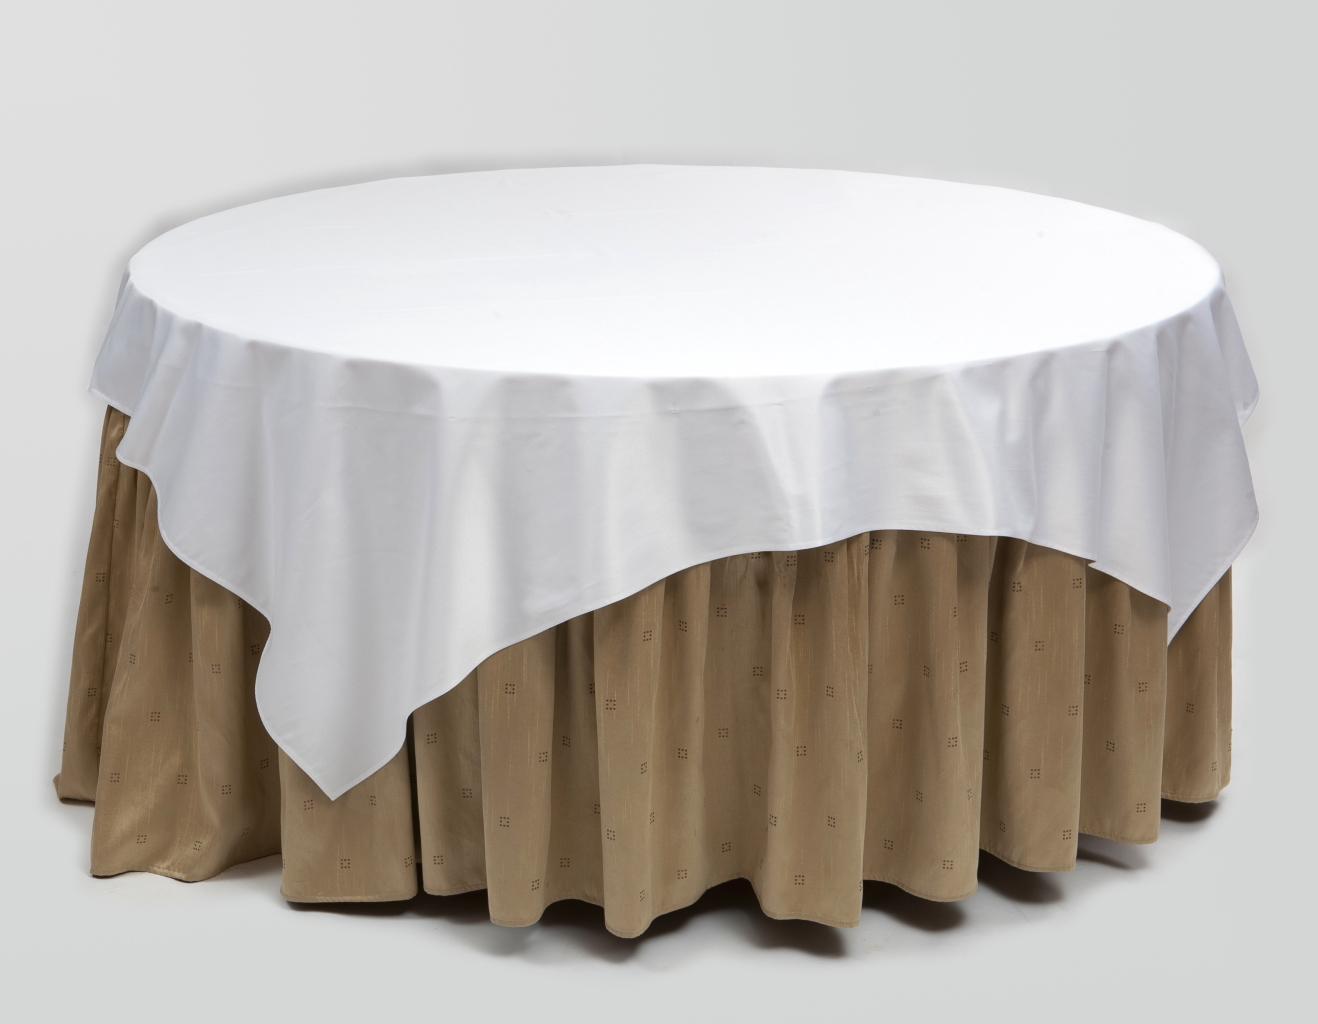 Dviejų dydžių staltiesės apvaliam stalui